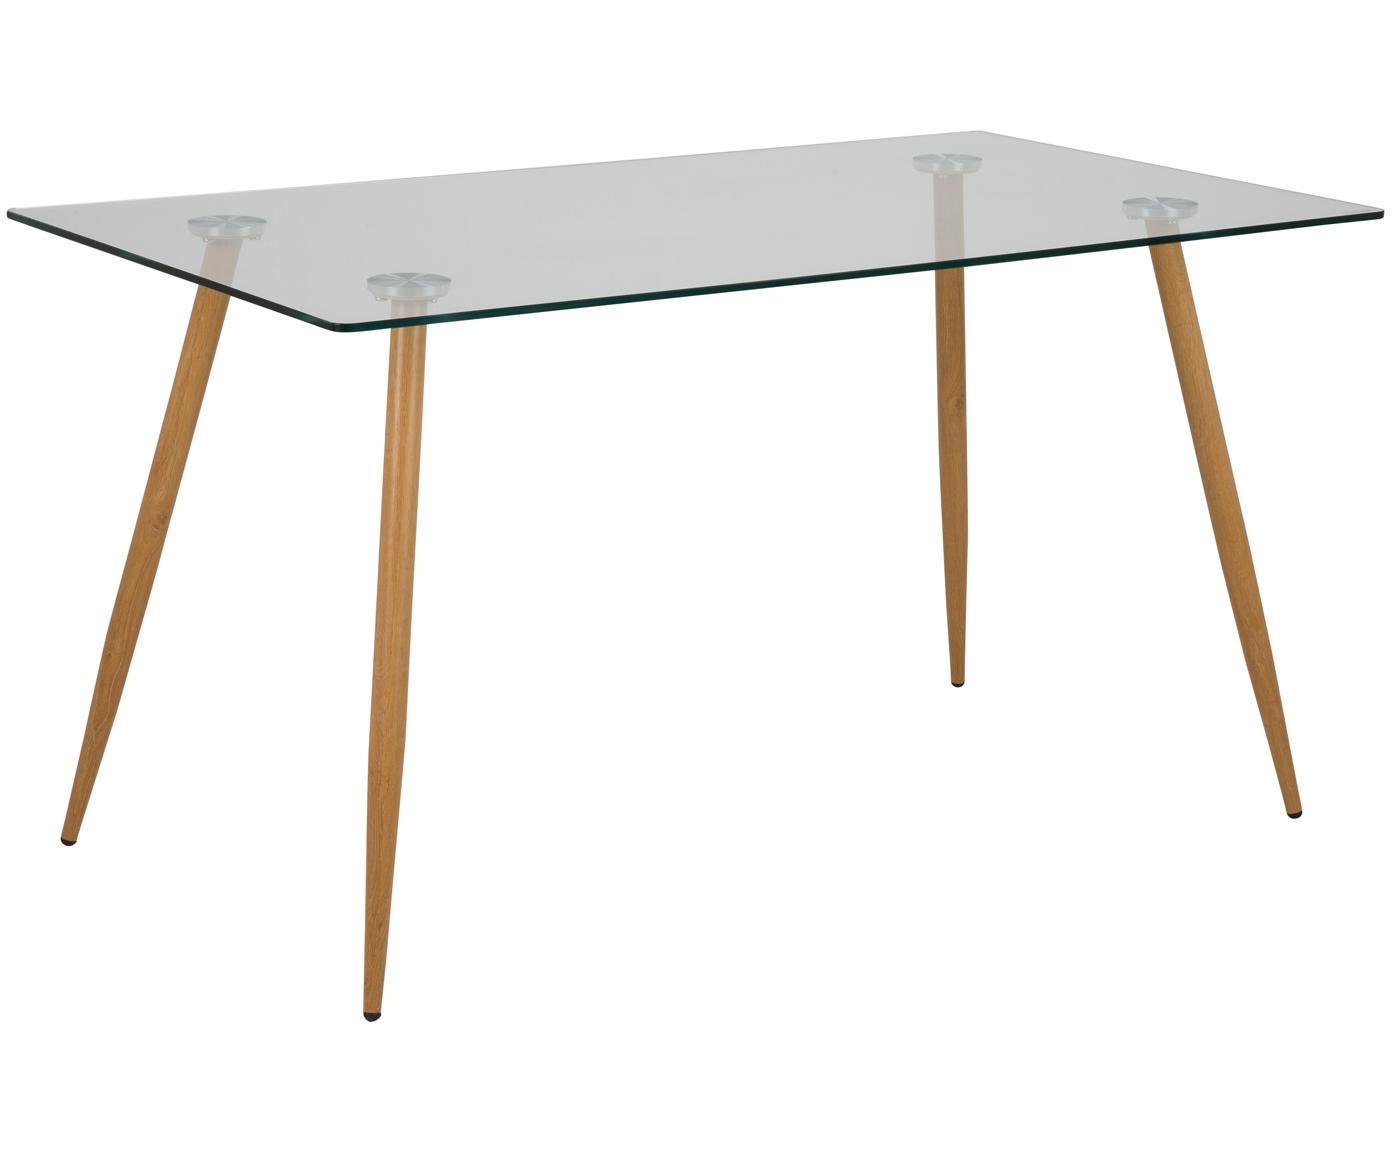 Mesa de comedor Wilma, tablero de cristal, Tablero: vidrio laminado, Patas: metal barnizado en roble, Tansparante, dorado, An 140 x F 80 cm